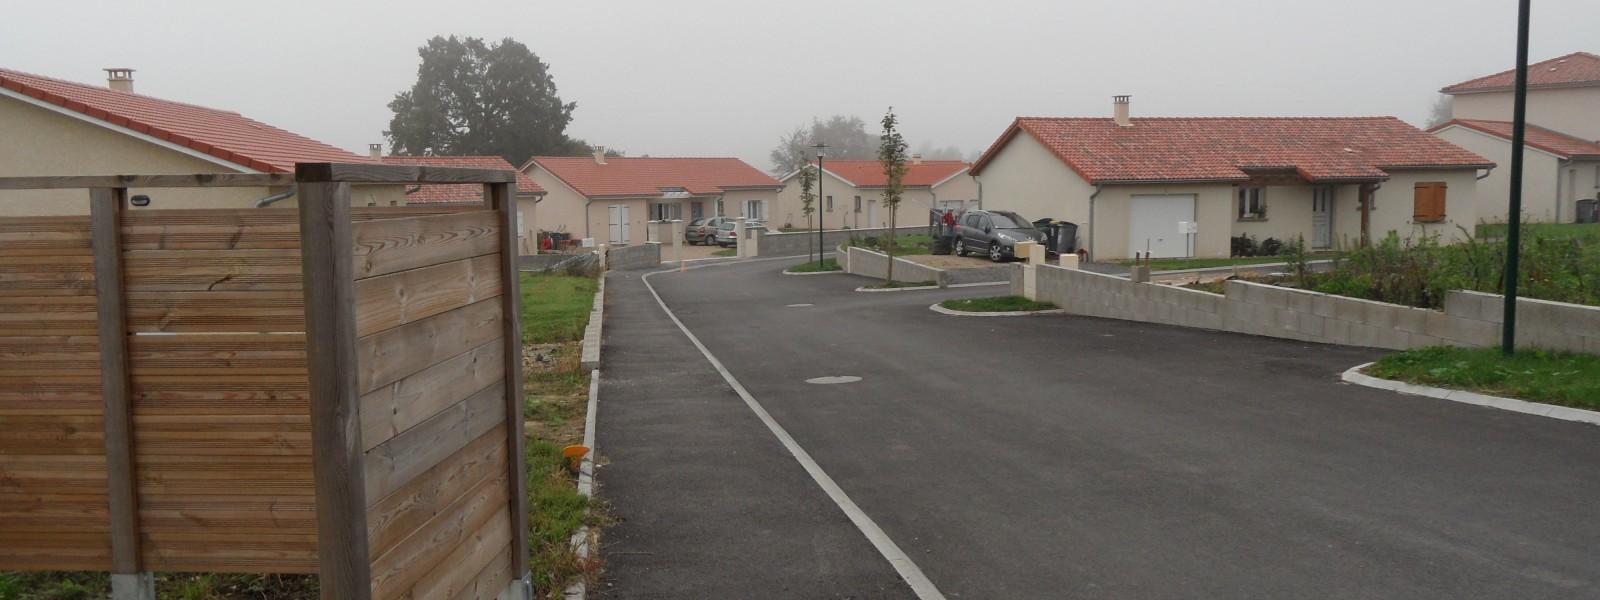 DE ST AMOND - Visuel 1 - Impact immobilier 01